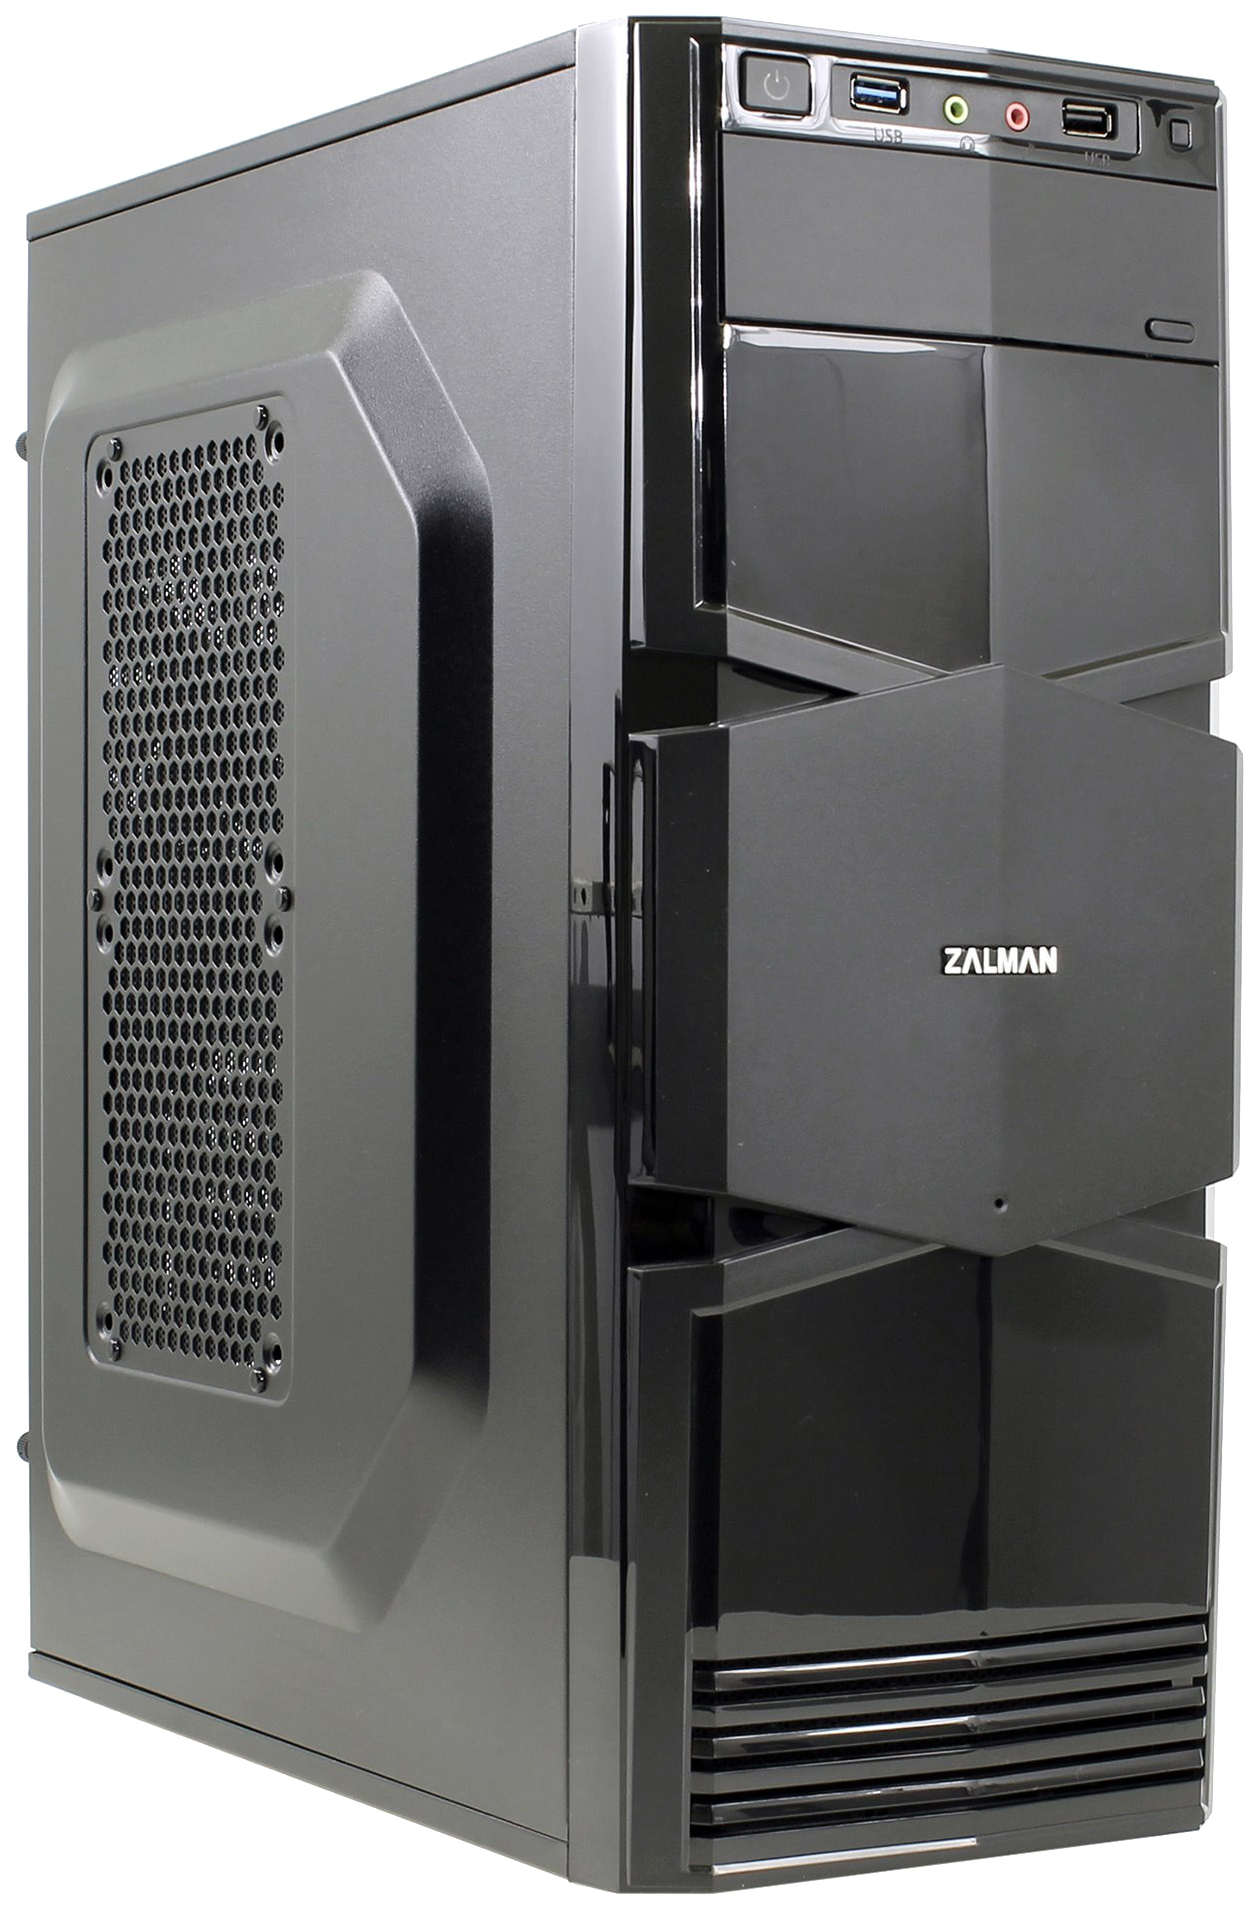 ZALMAN ZM-T3